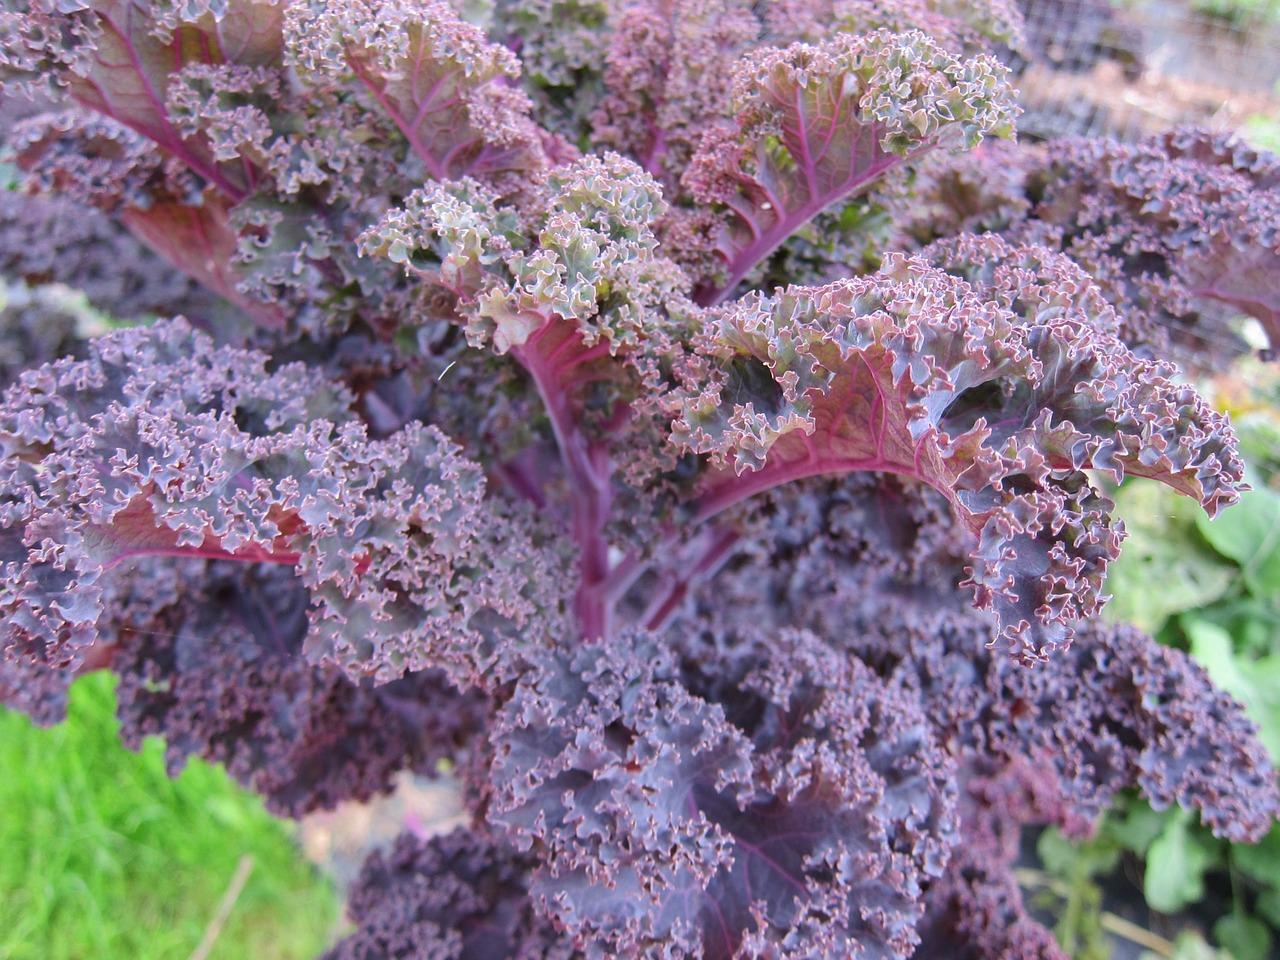 Капуста кейл (Kale) фото 1